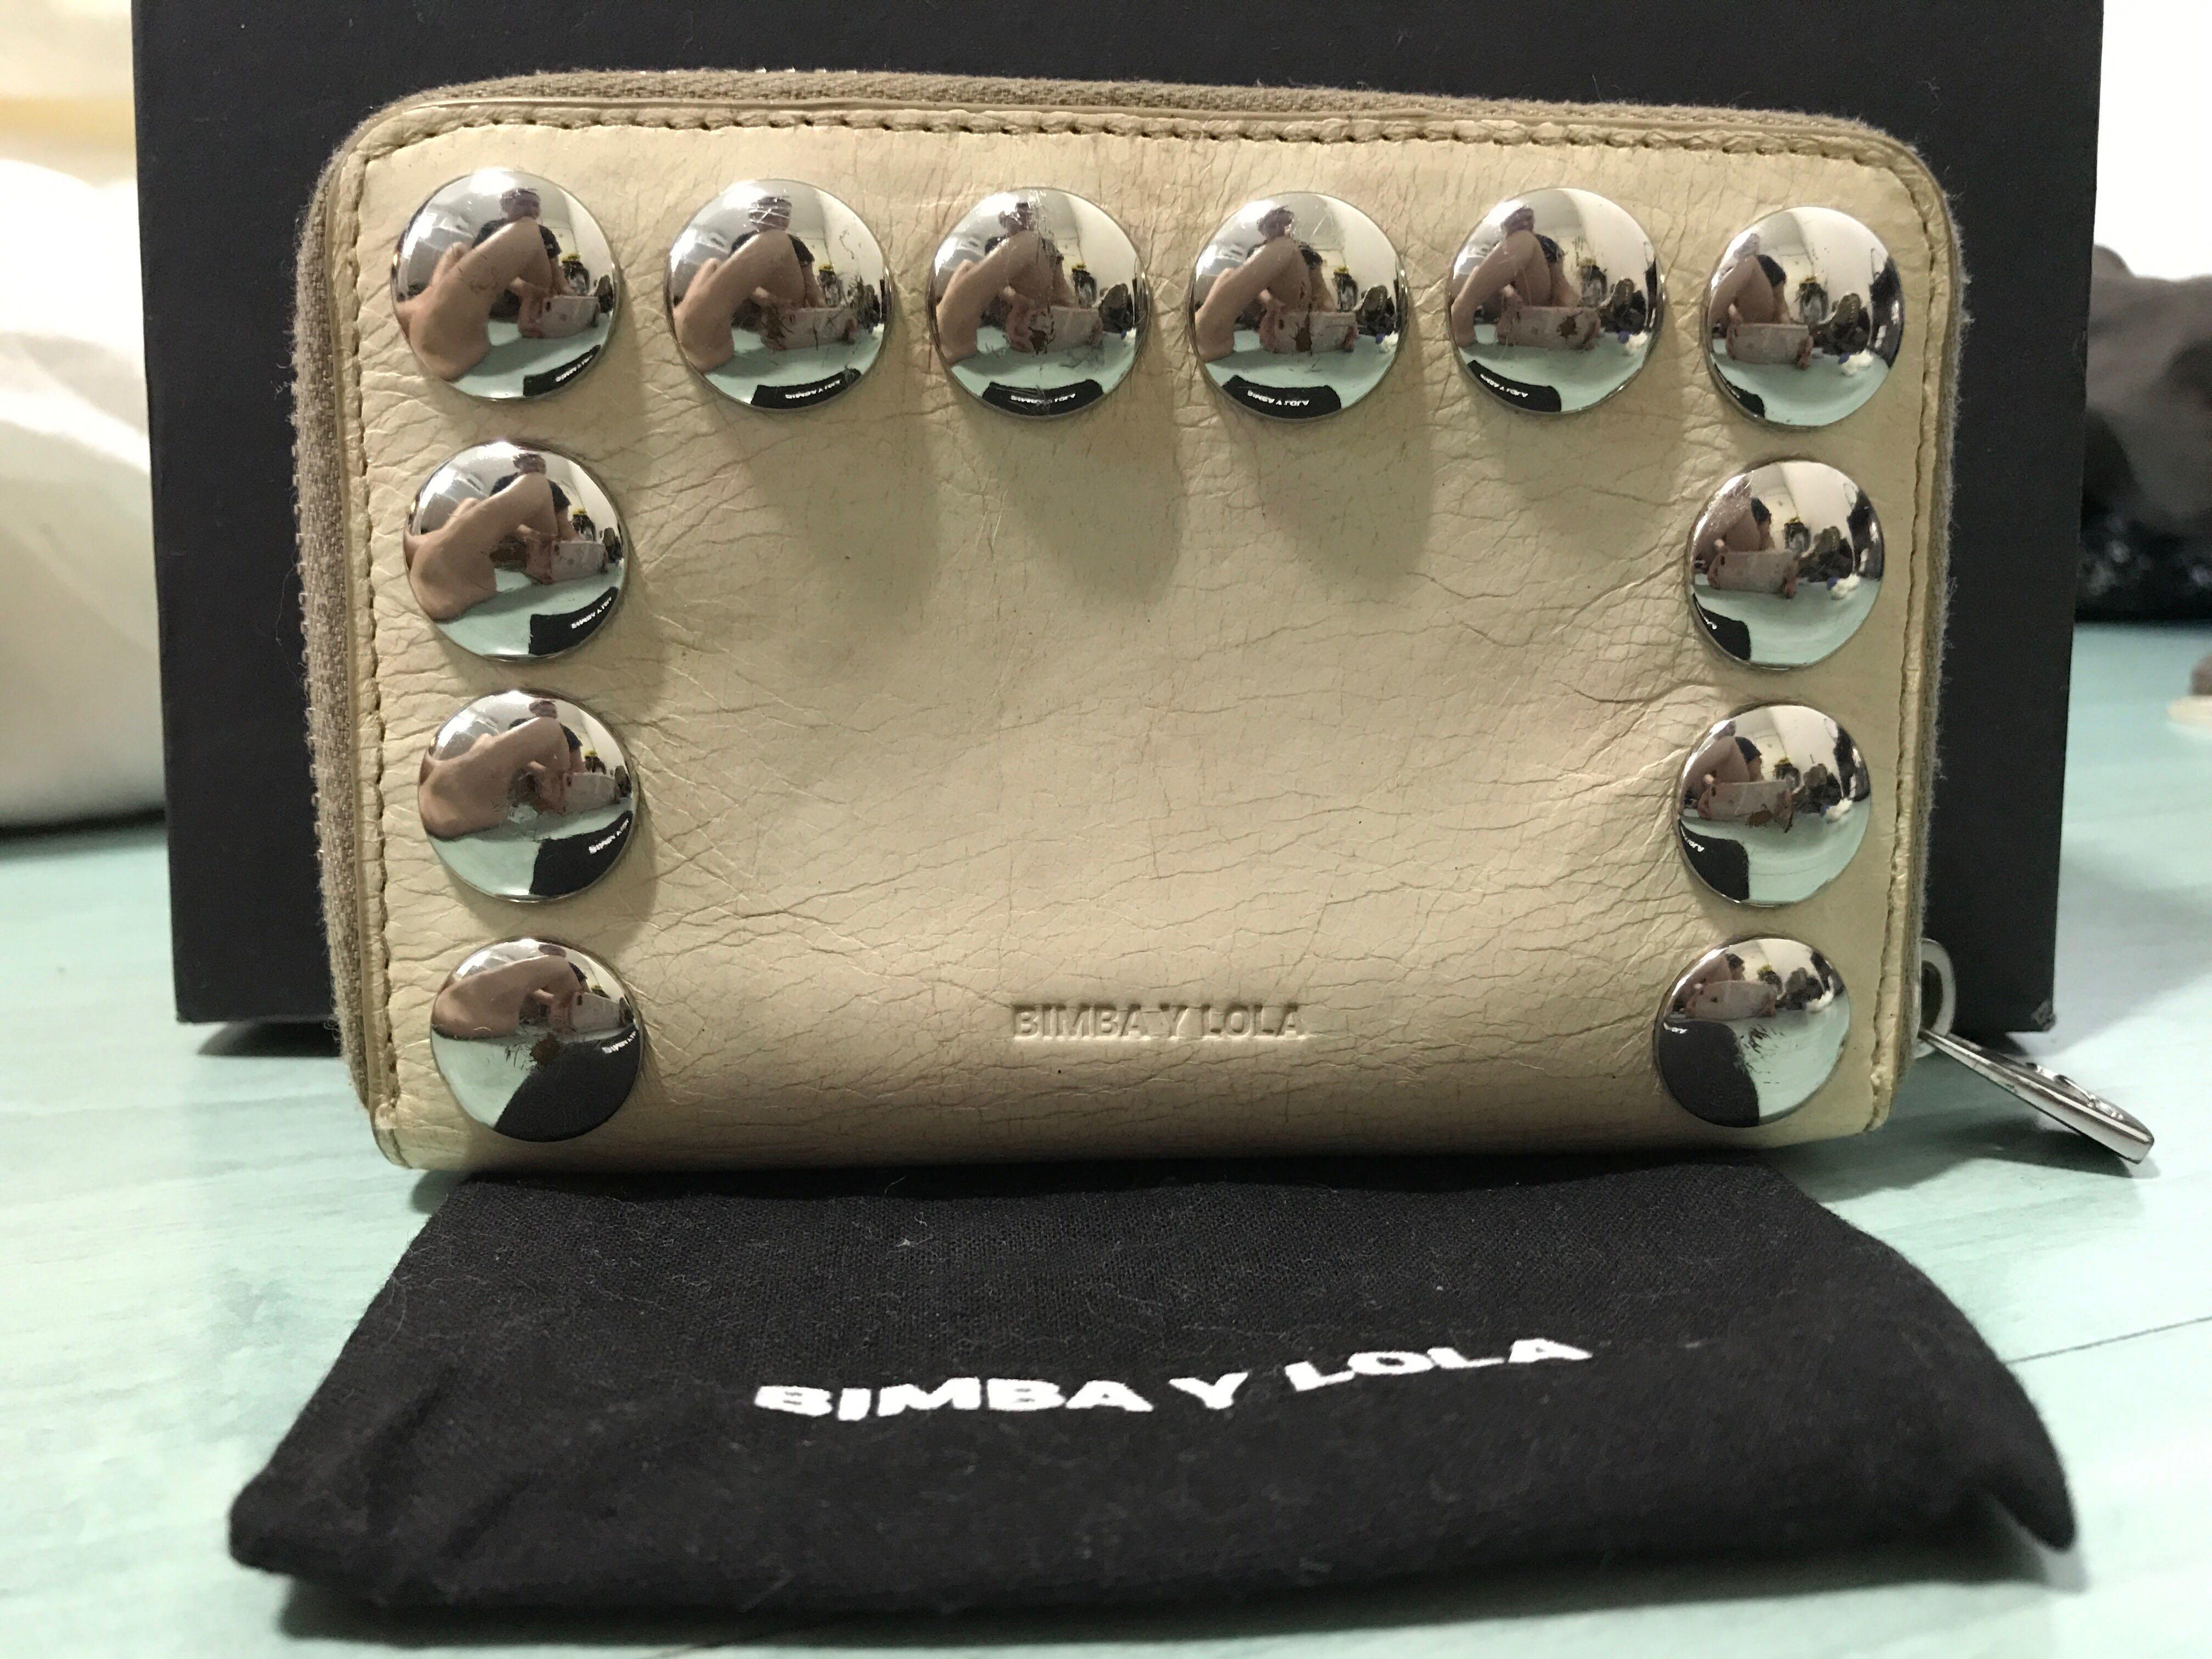 d382fa09ba7 Bimba Y Lola Wallet, Luxury, Bags & Wallets, Wallets on Carousell